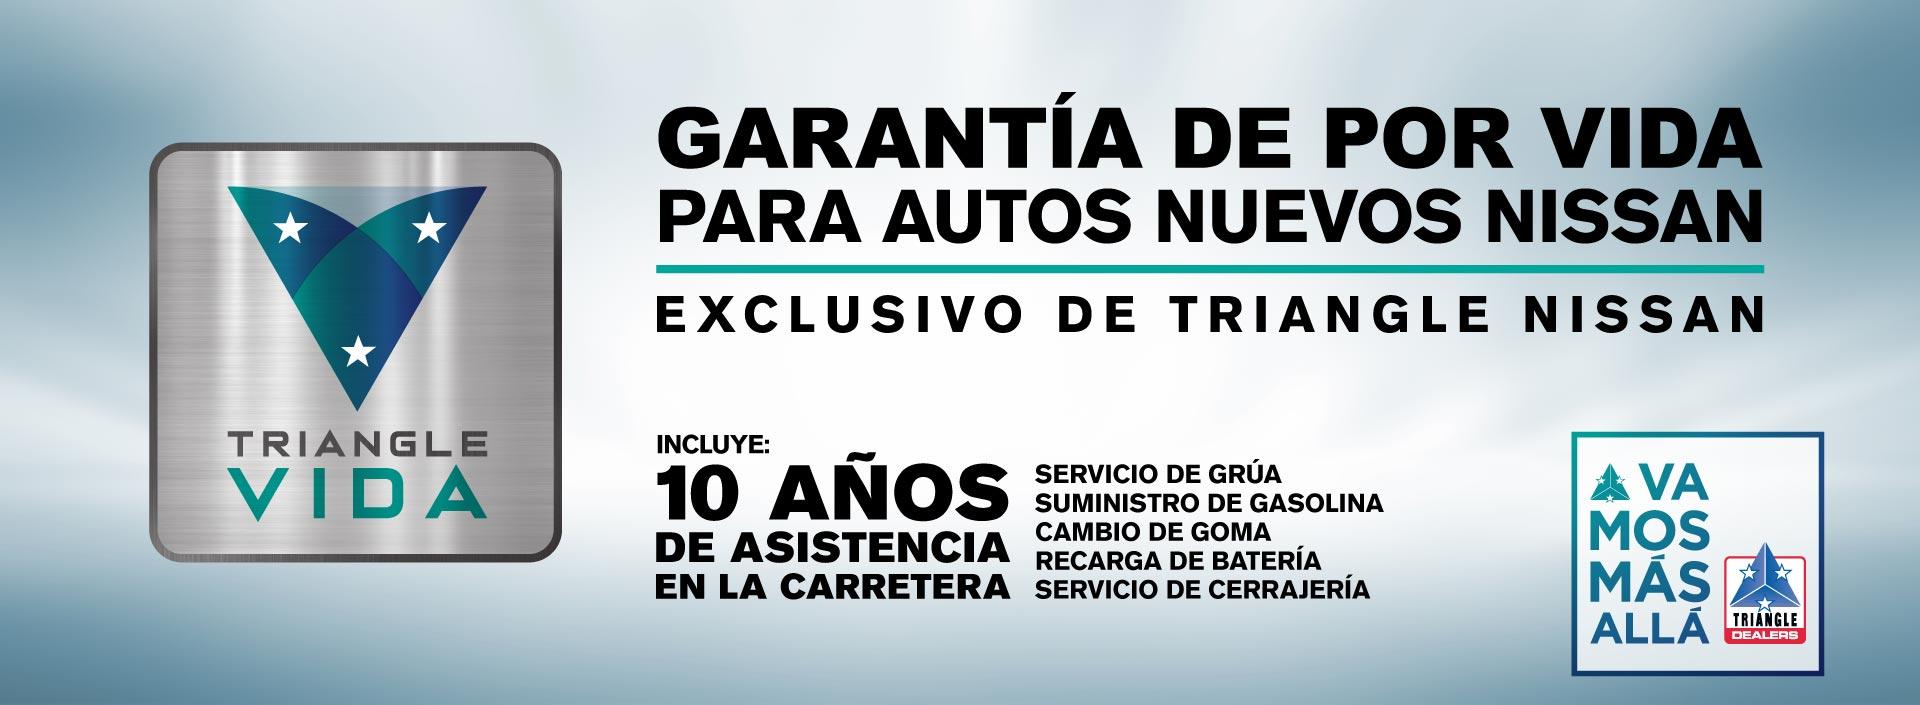 T.Nissan_VIDA_1920x705_Español